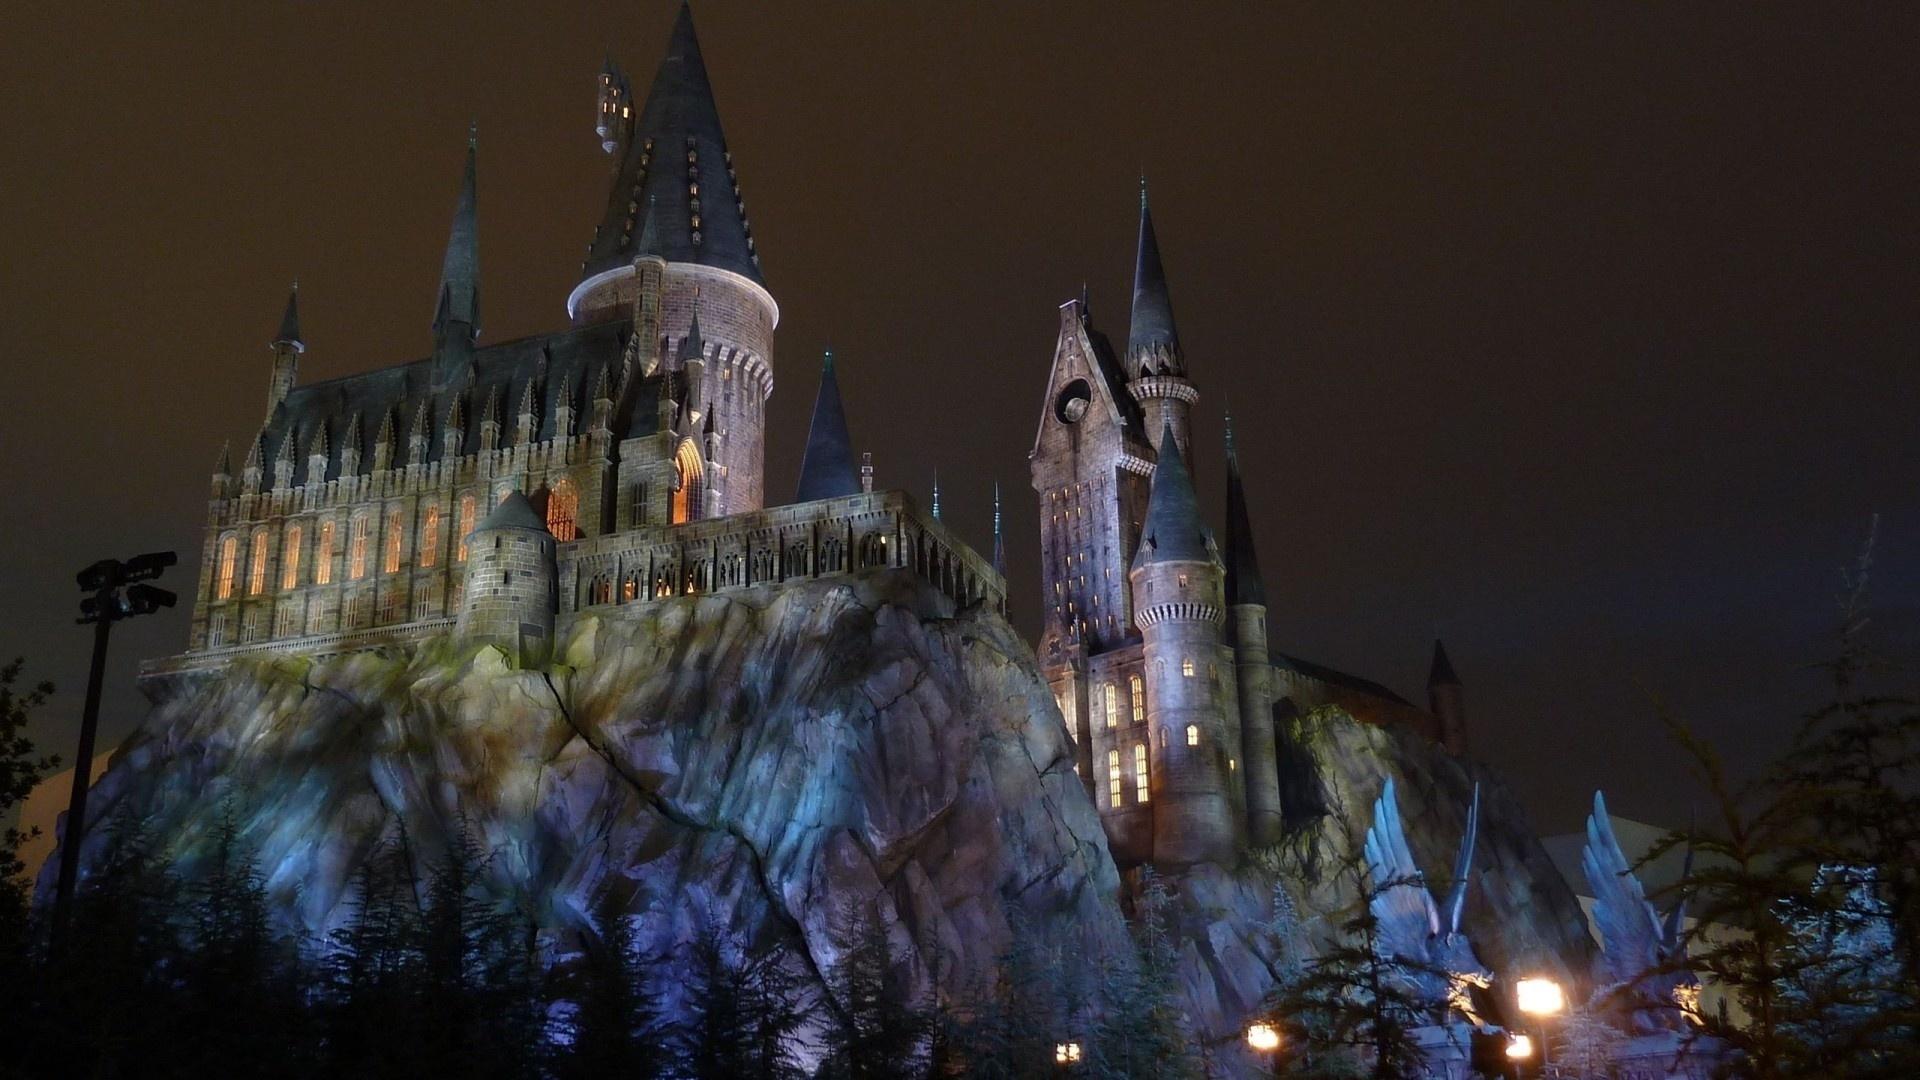 хогвартс, замок, ночь, огни, освещение, скалы, башня, красота